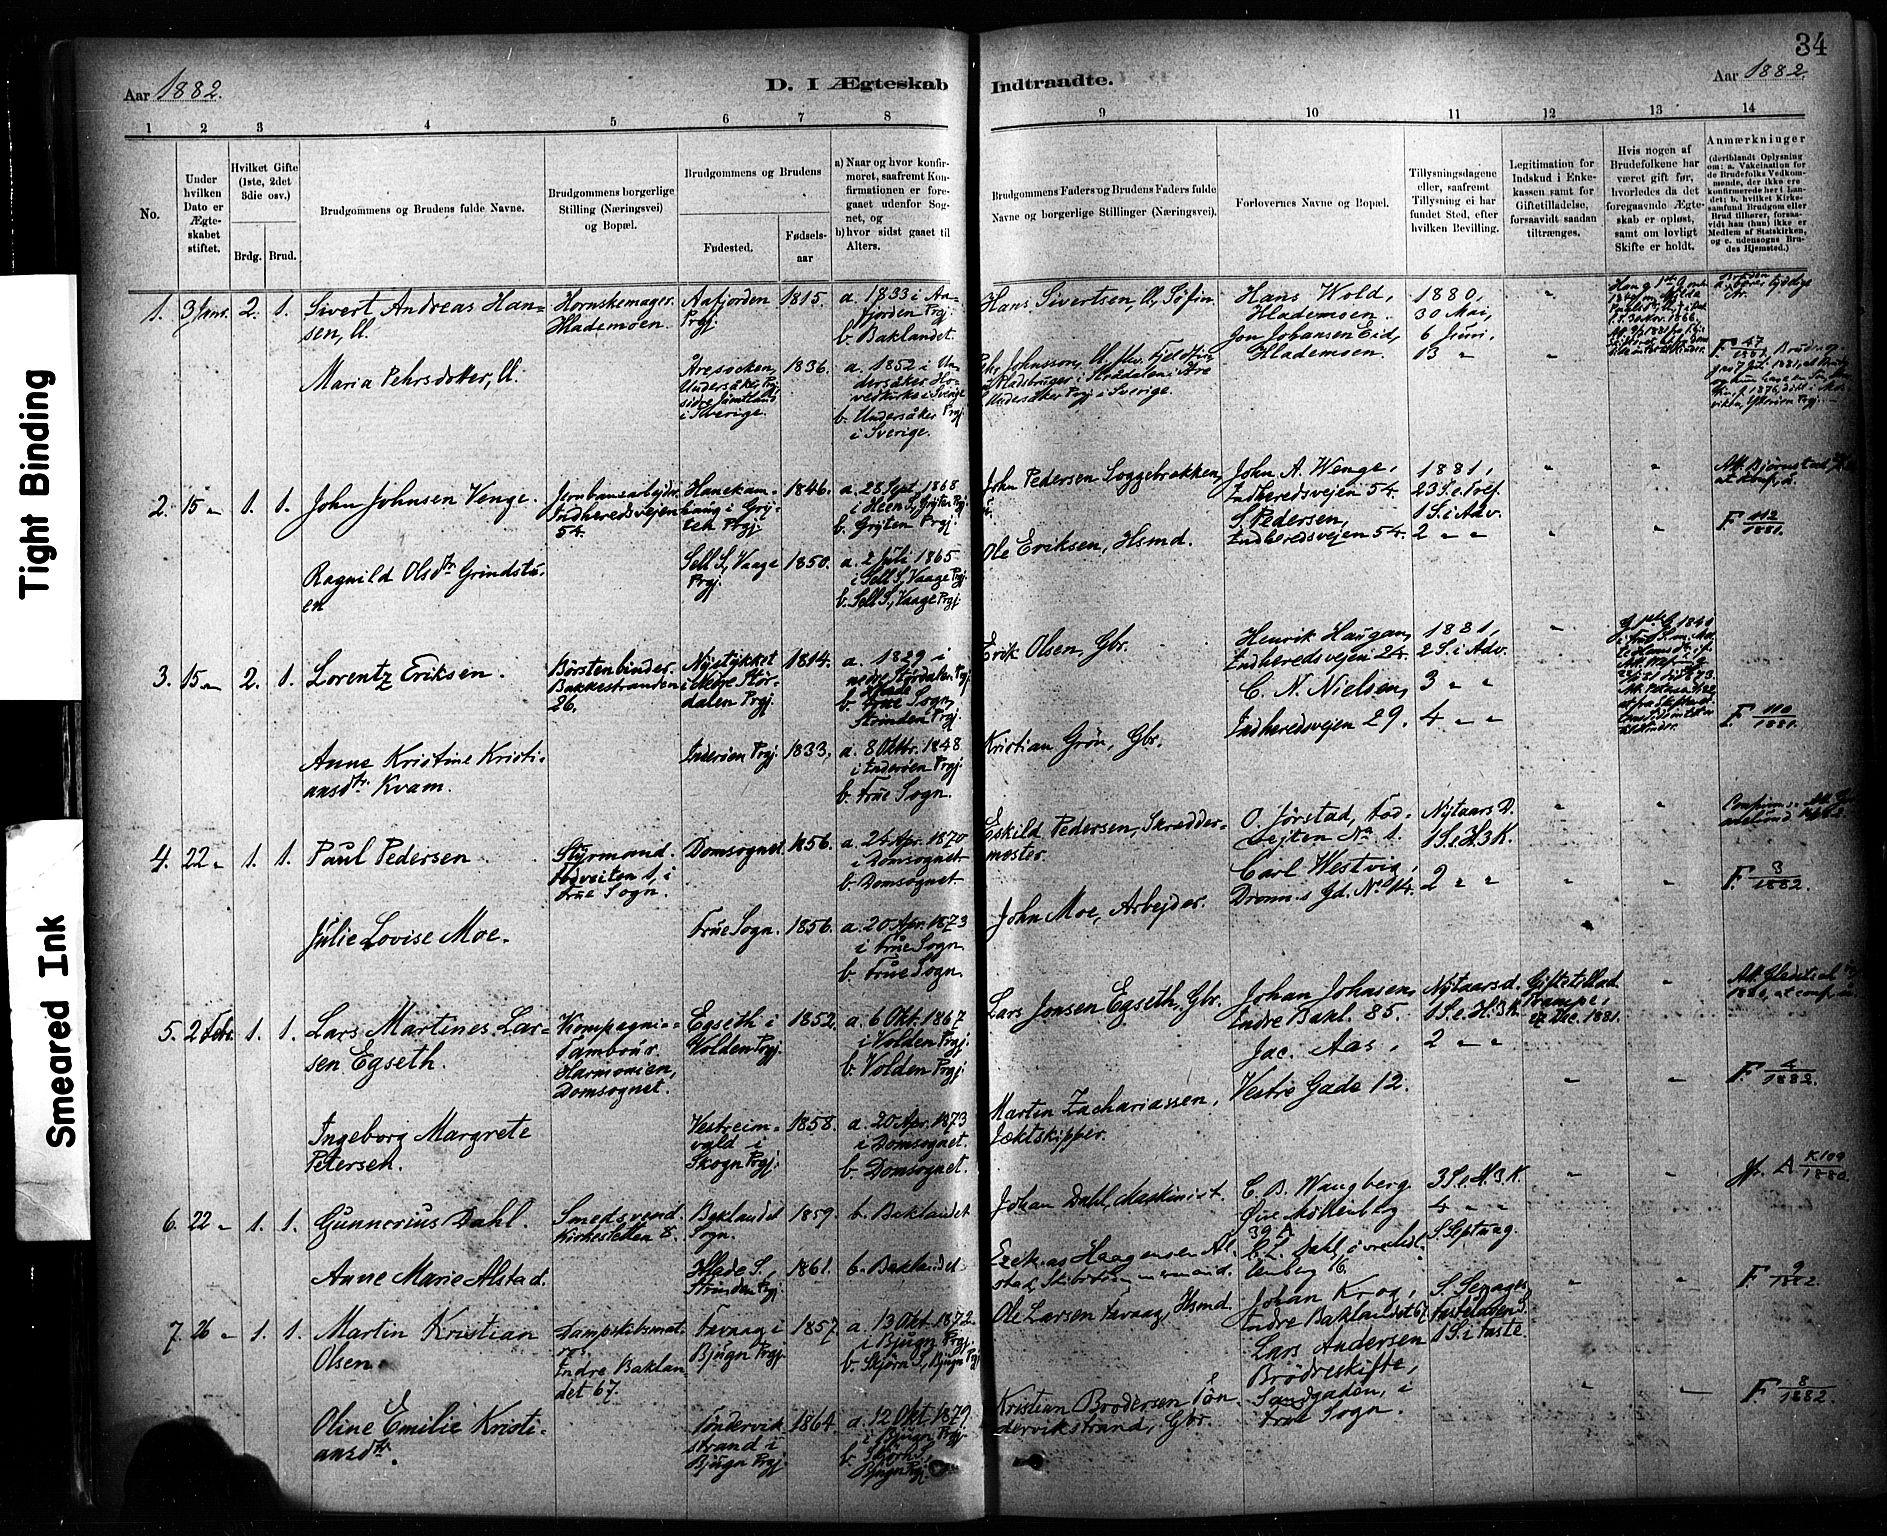 SAT, Ministerialprotokoller, klokkerbøker og fødselsregistre - Sør-Trøndelag, 604/L0189: Ministerialbok nr. 604A10, 1878-1892, s. 34